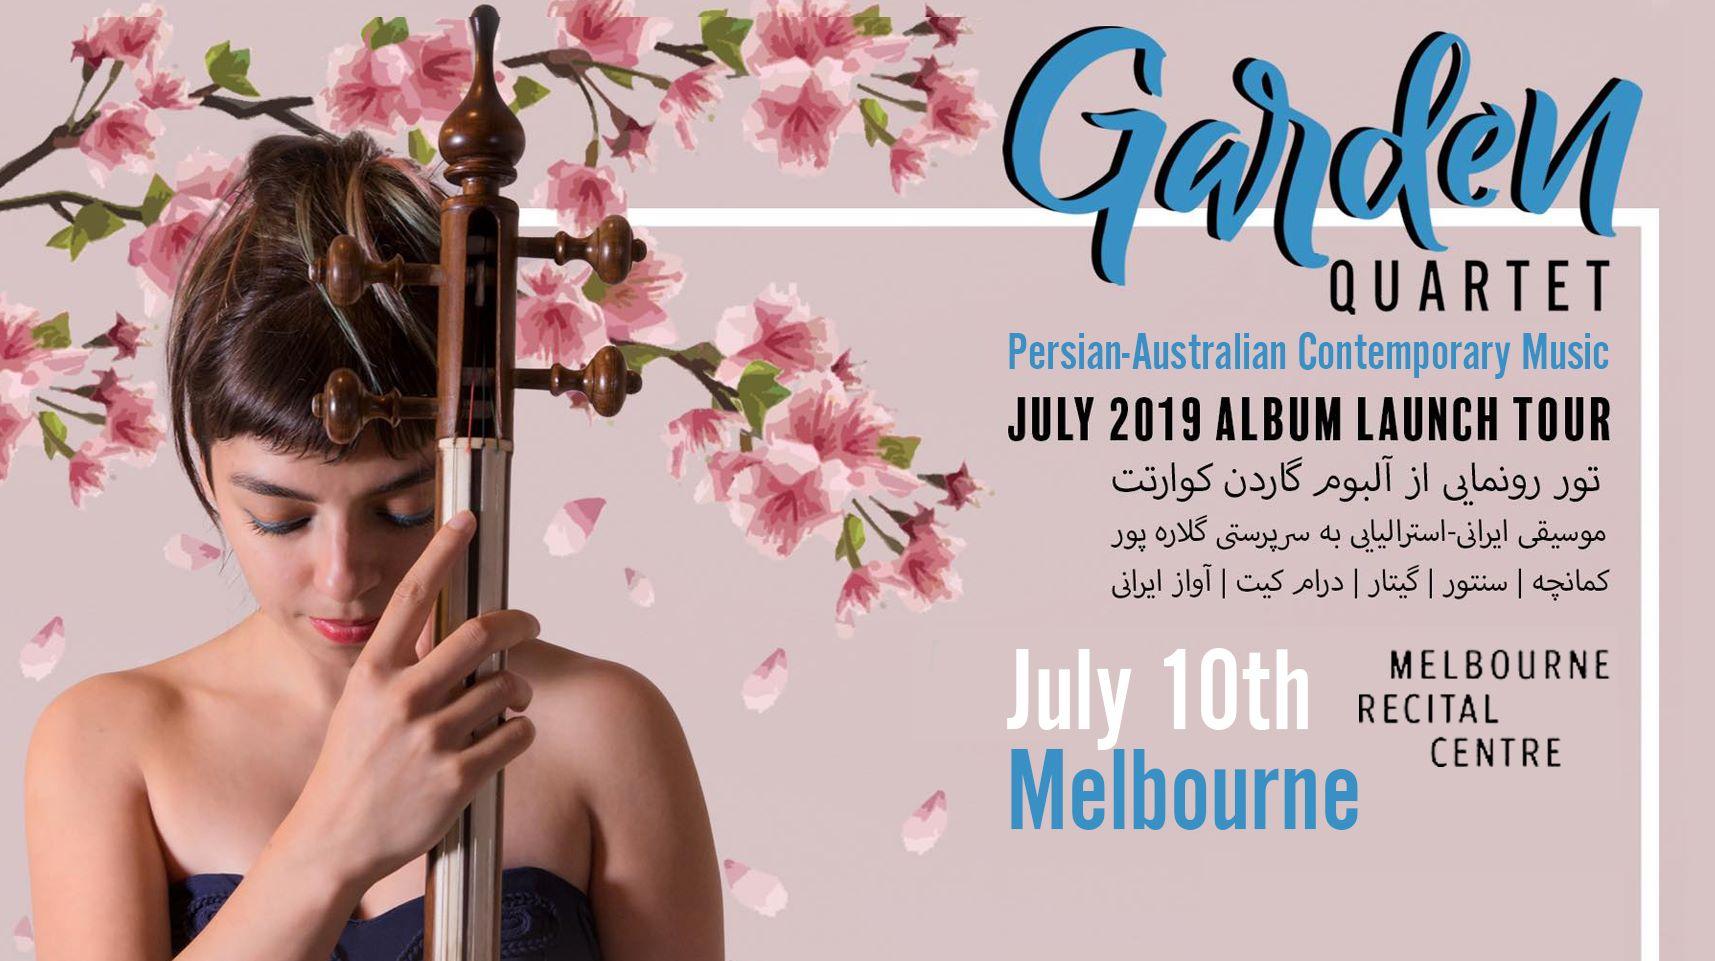 تور کنسرتهای گروه گاردن کوارتت با خوانندگی گلاره پور در استرالیا